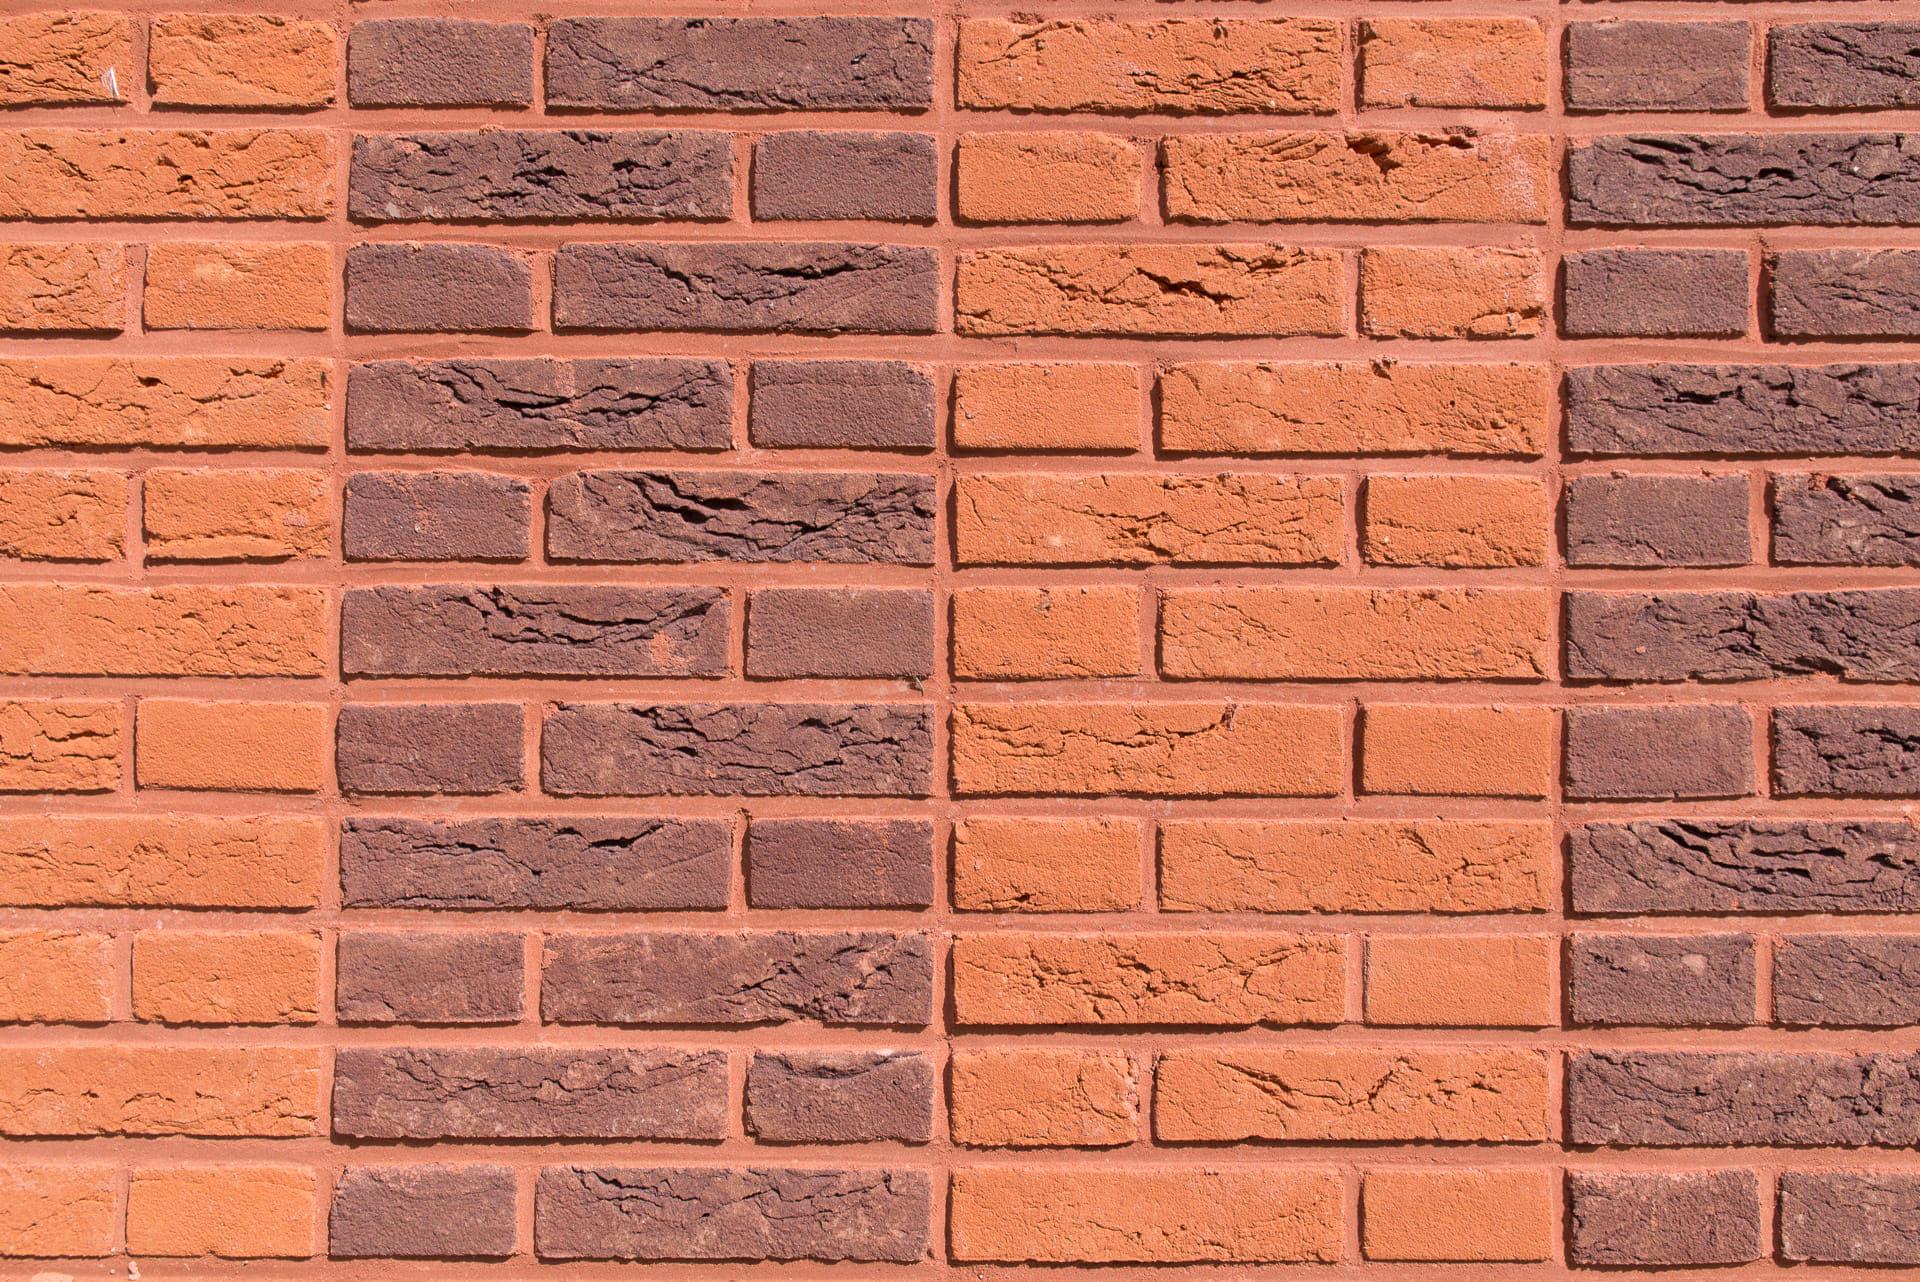 Detail van muur met verschillende kleuren baksteen in strakke rijen